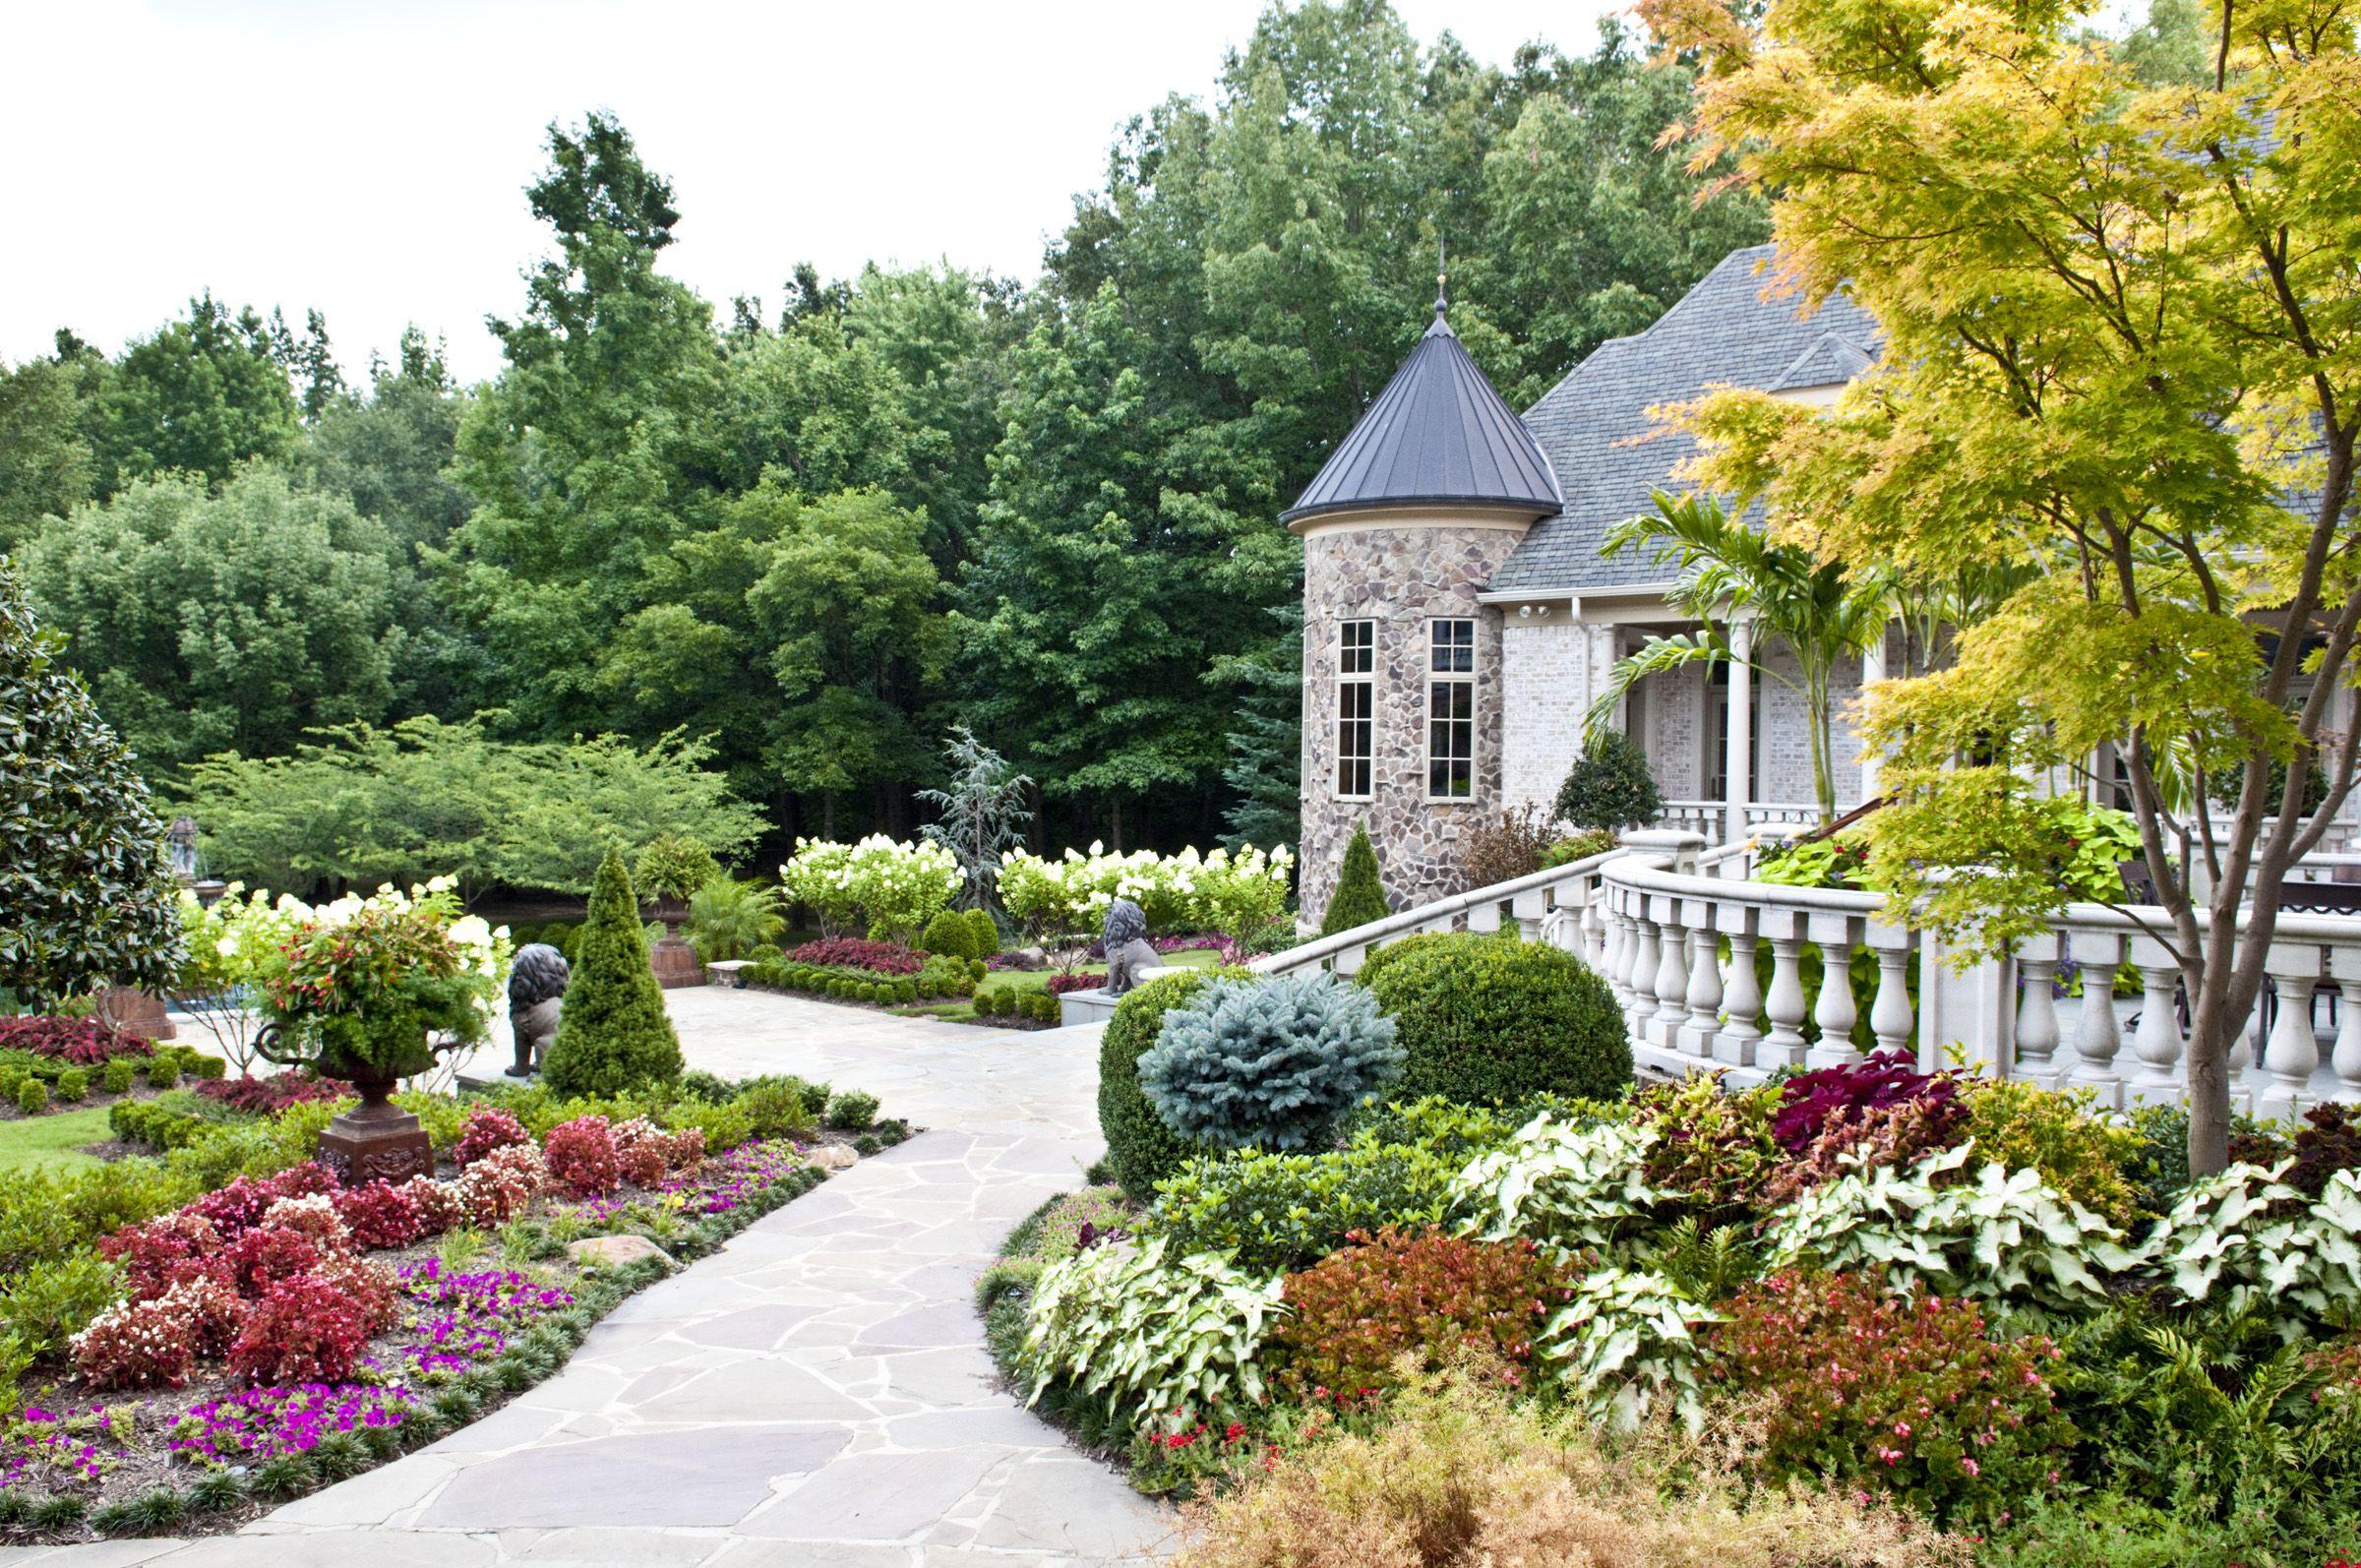 Backyard Landscape W Seasonal Color By Gurley S Azalea Garden Inc Memphis Tn Www Gurleysmemphis Com Azaleas Garden Backyard Landscaping Landscape Design